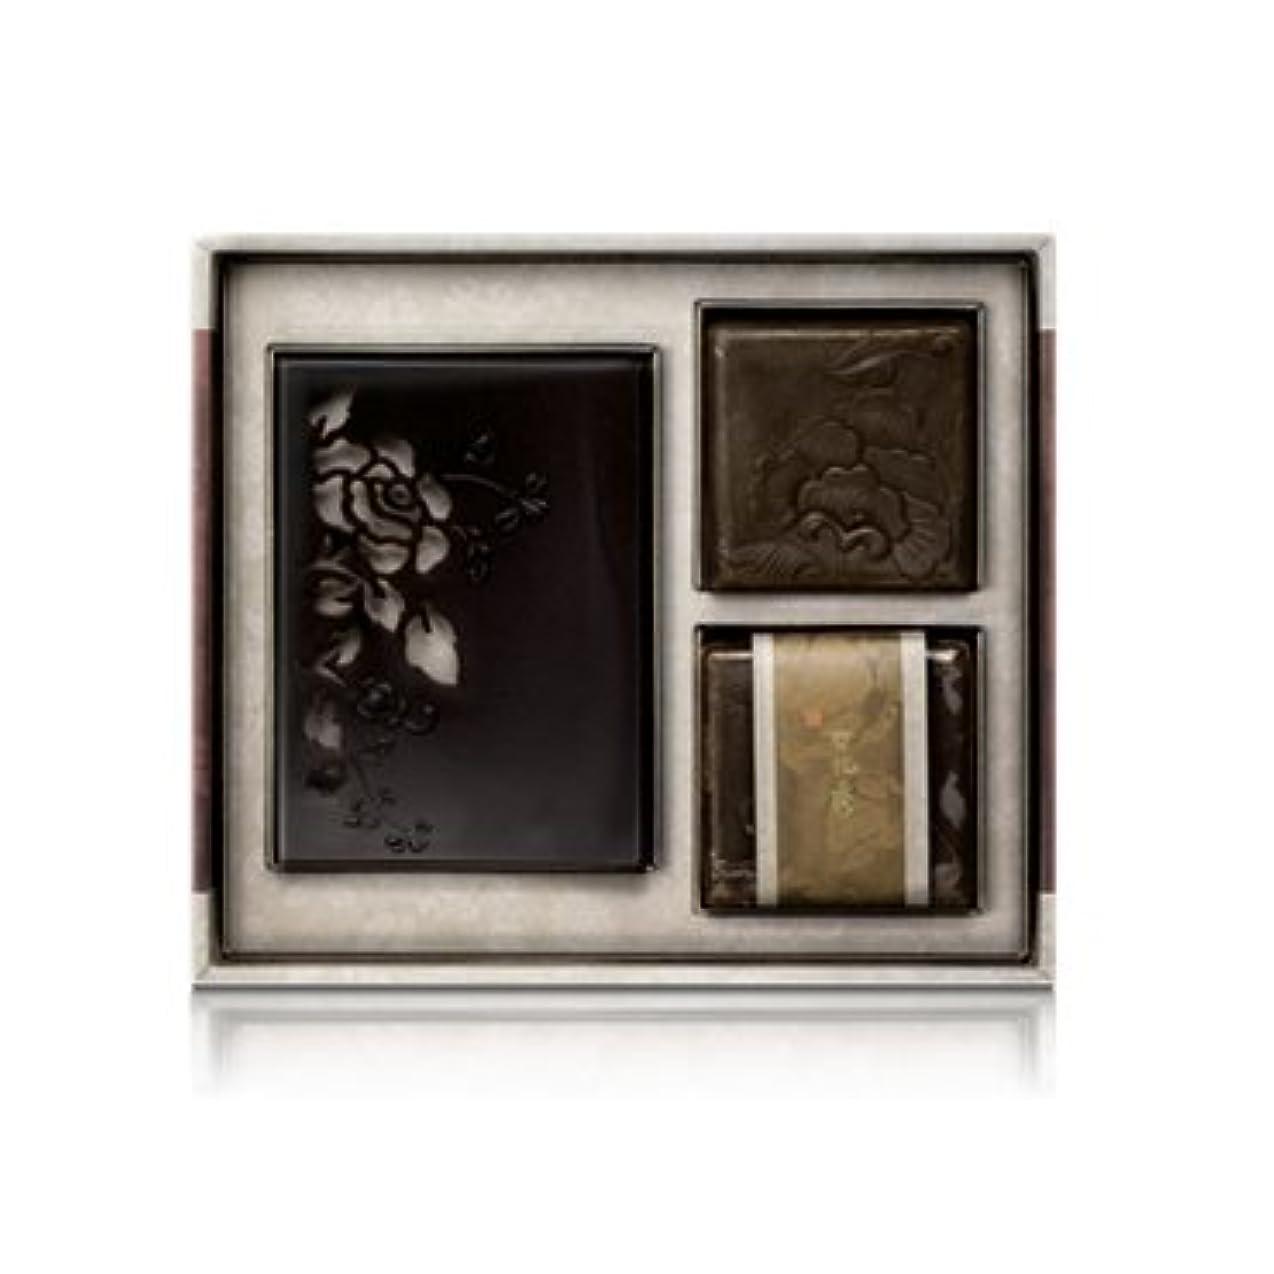 せっかち禁じる排泄するソラス [雪花秀] 宮中石鹸 (100g * 2個+ケース) 1748